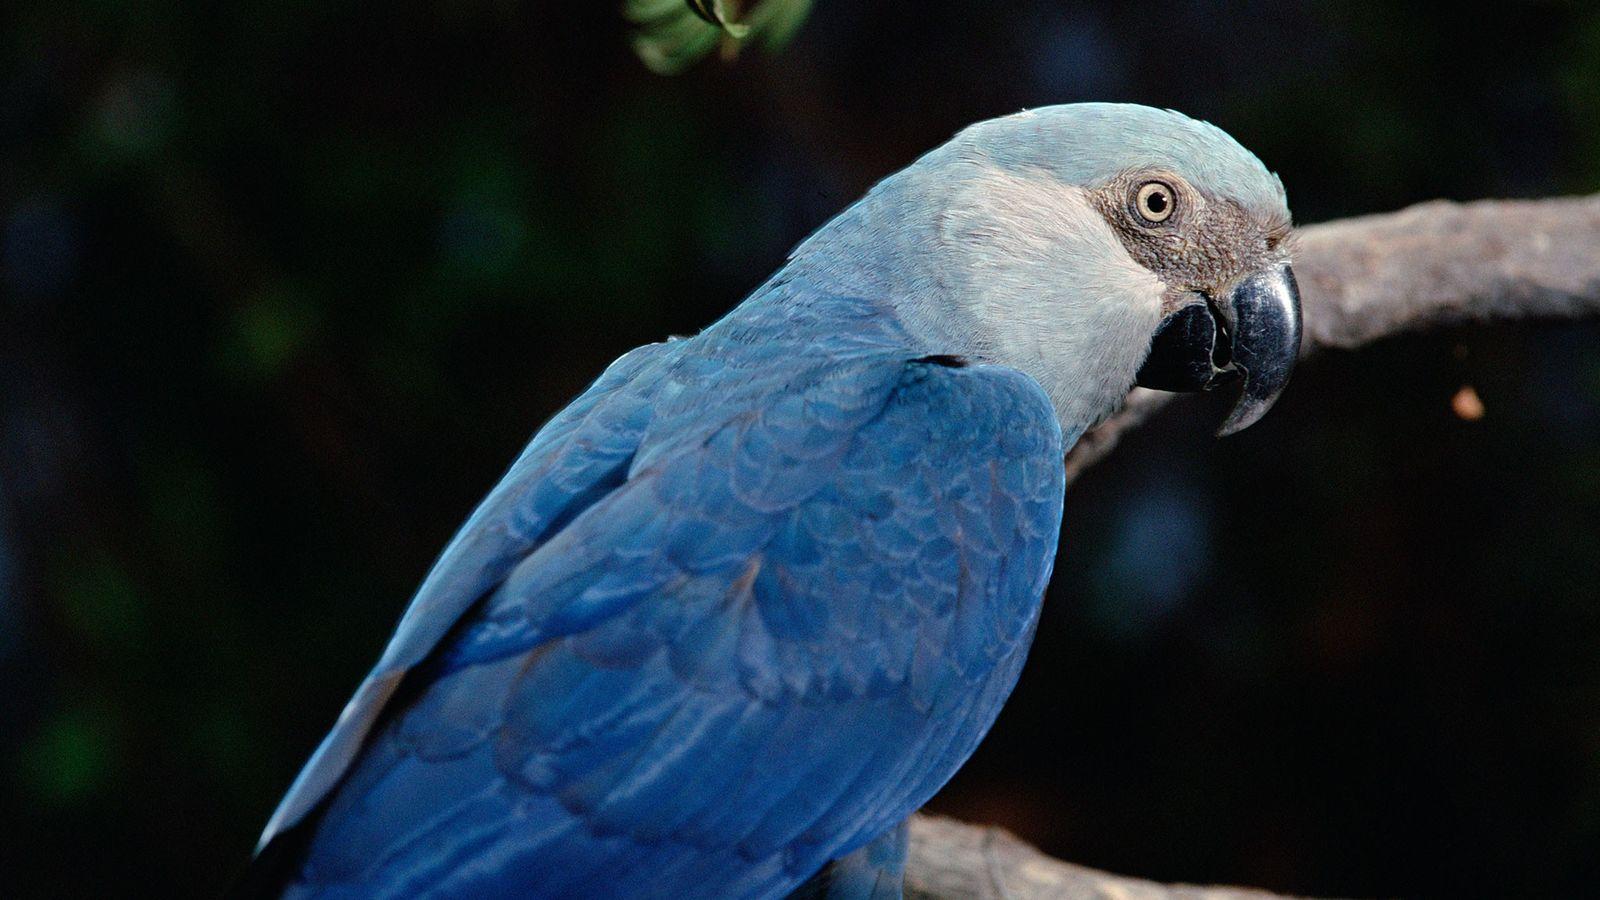 Laut einer neuen Studie von BirdLife International könnte der in Brasilien beheimatete Spix-Ara in freier Wildbahn ...